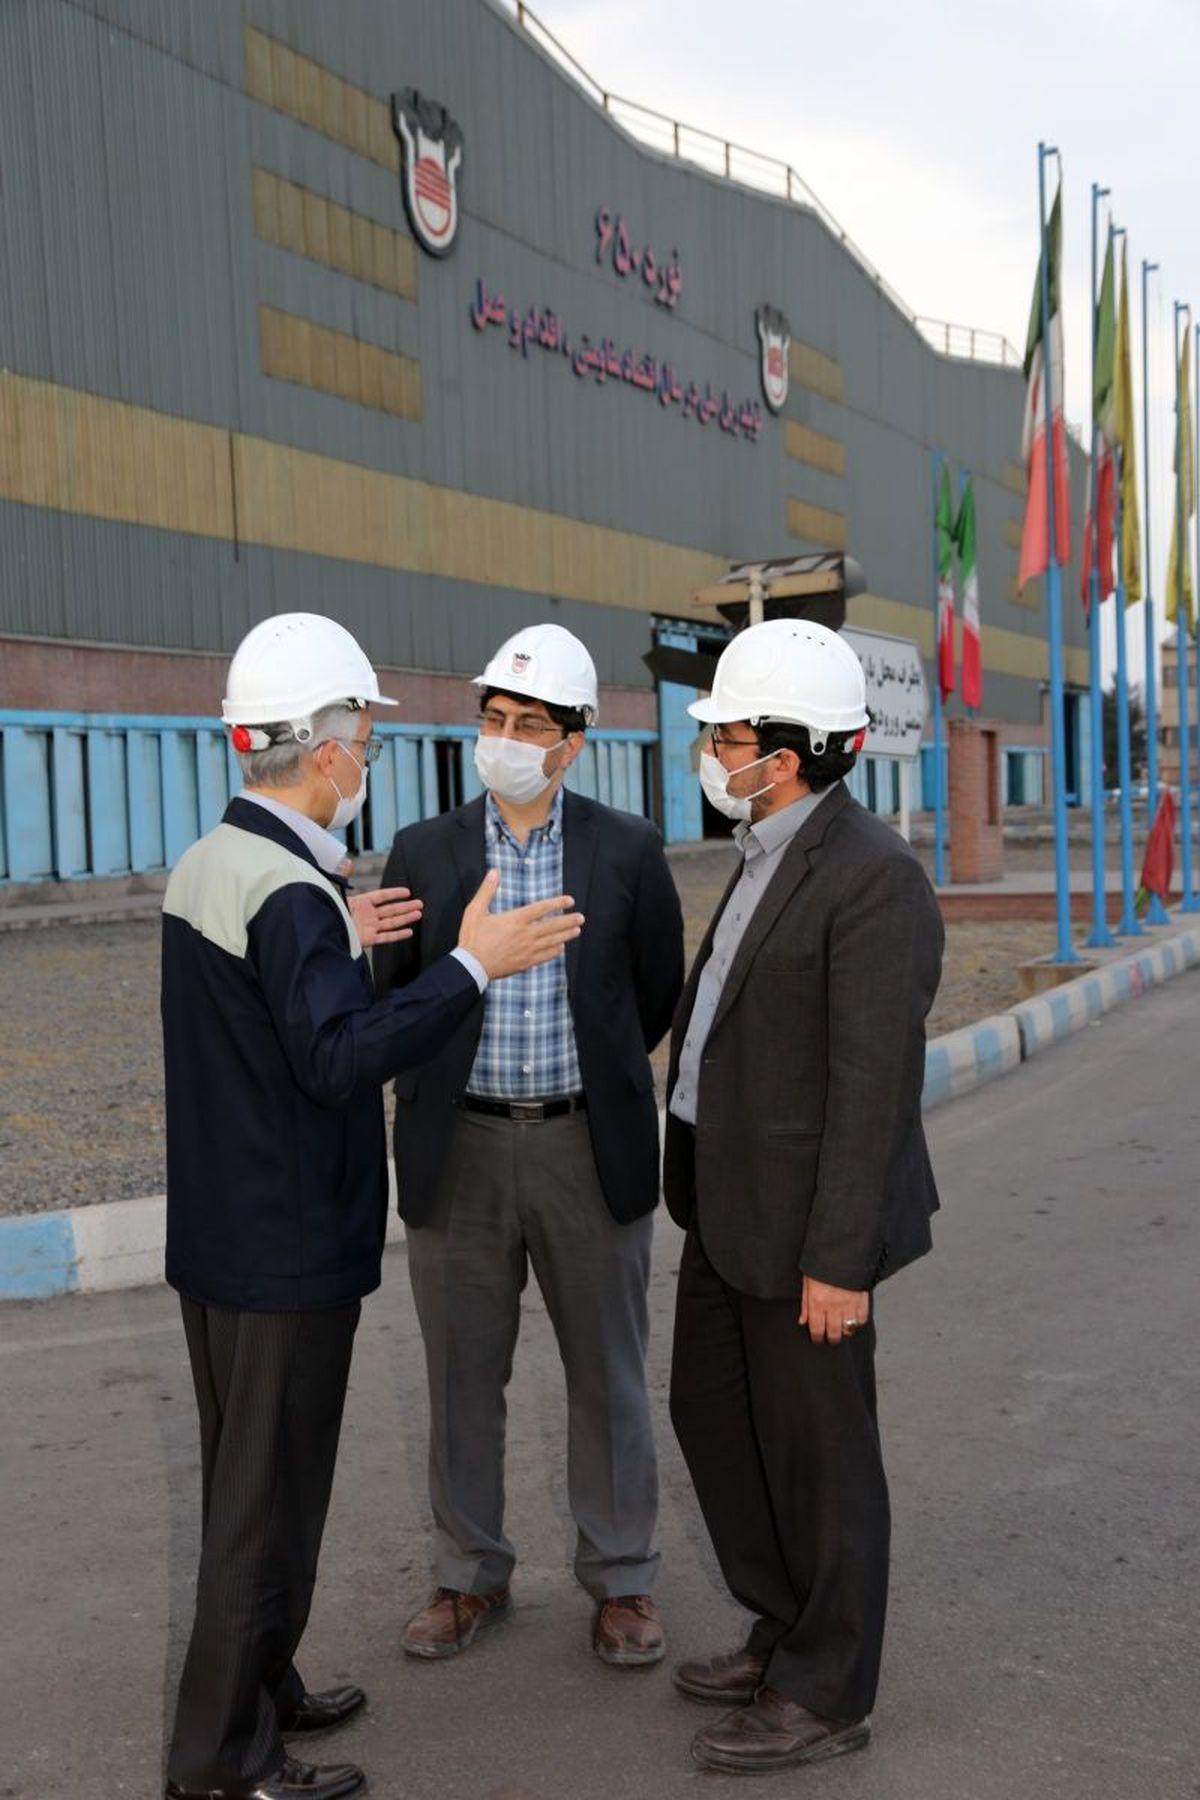 هدف مجلس ، انتفاع تولید کننده و مصرف کننده فولاد و ساماندهی بازار است